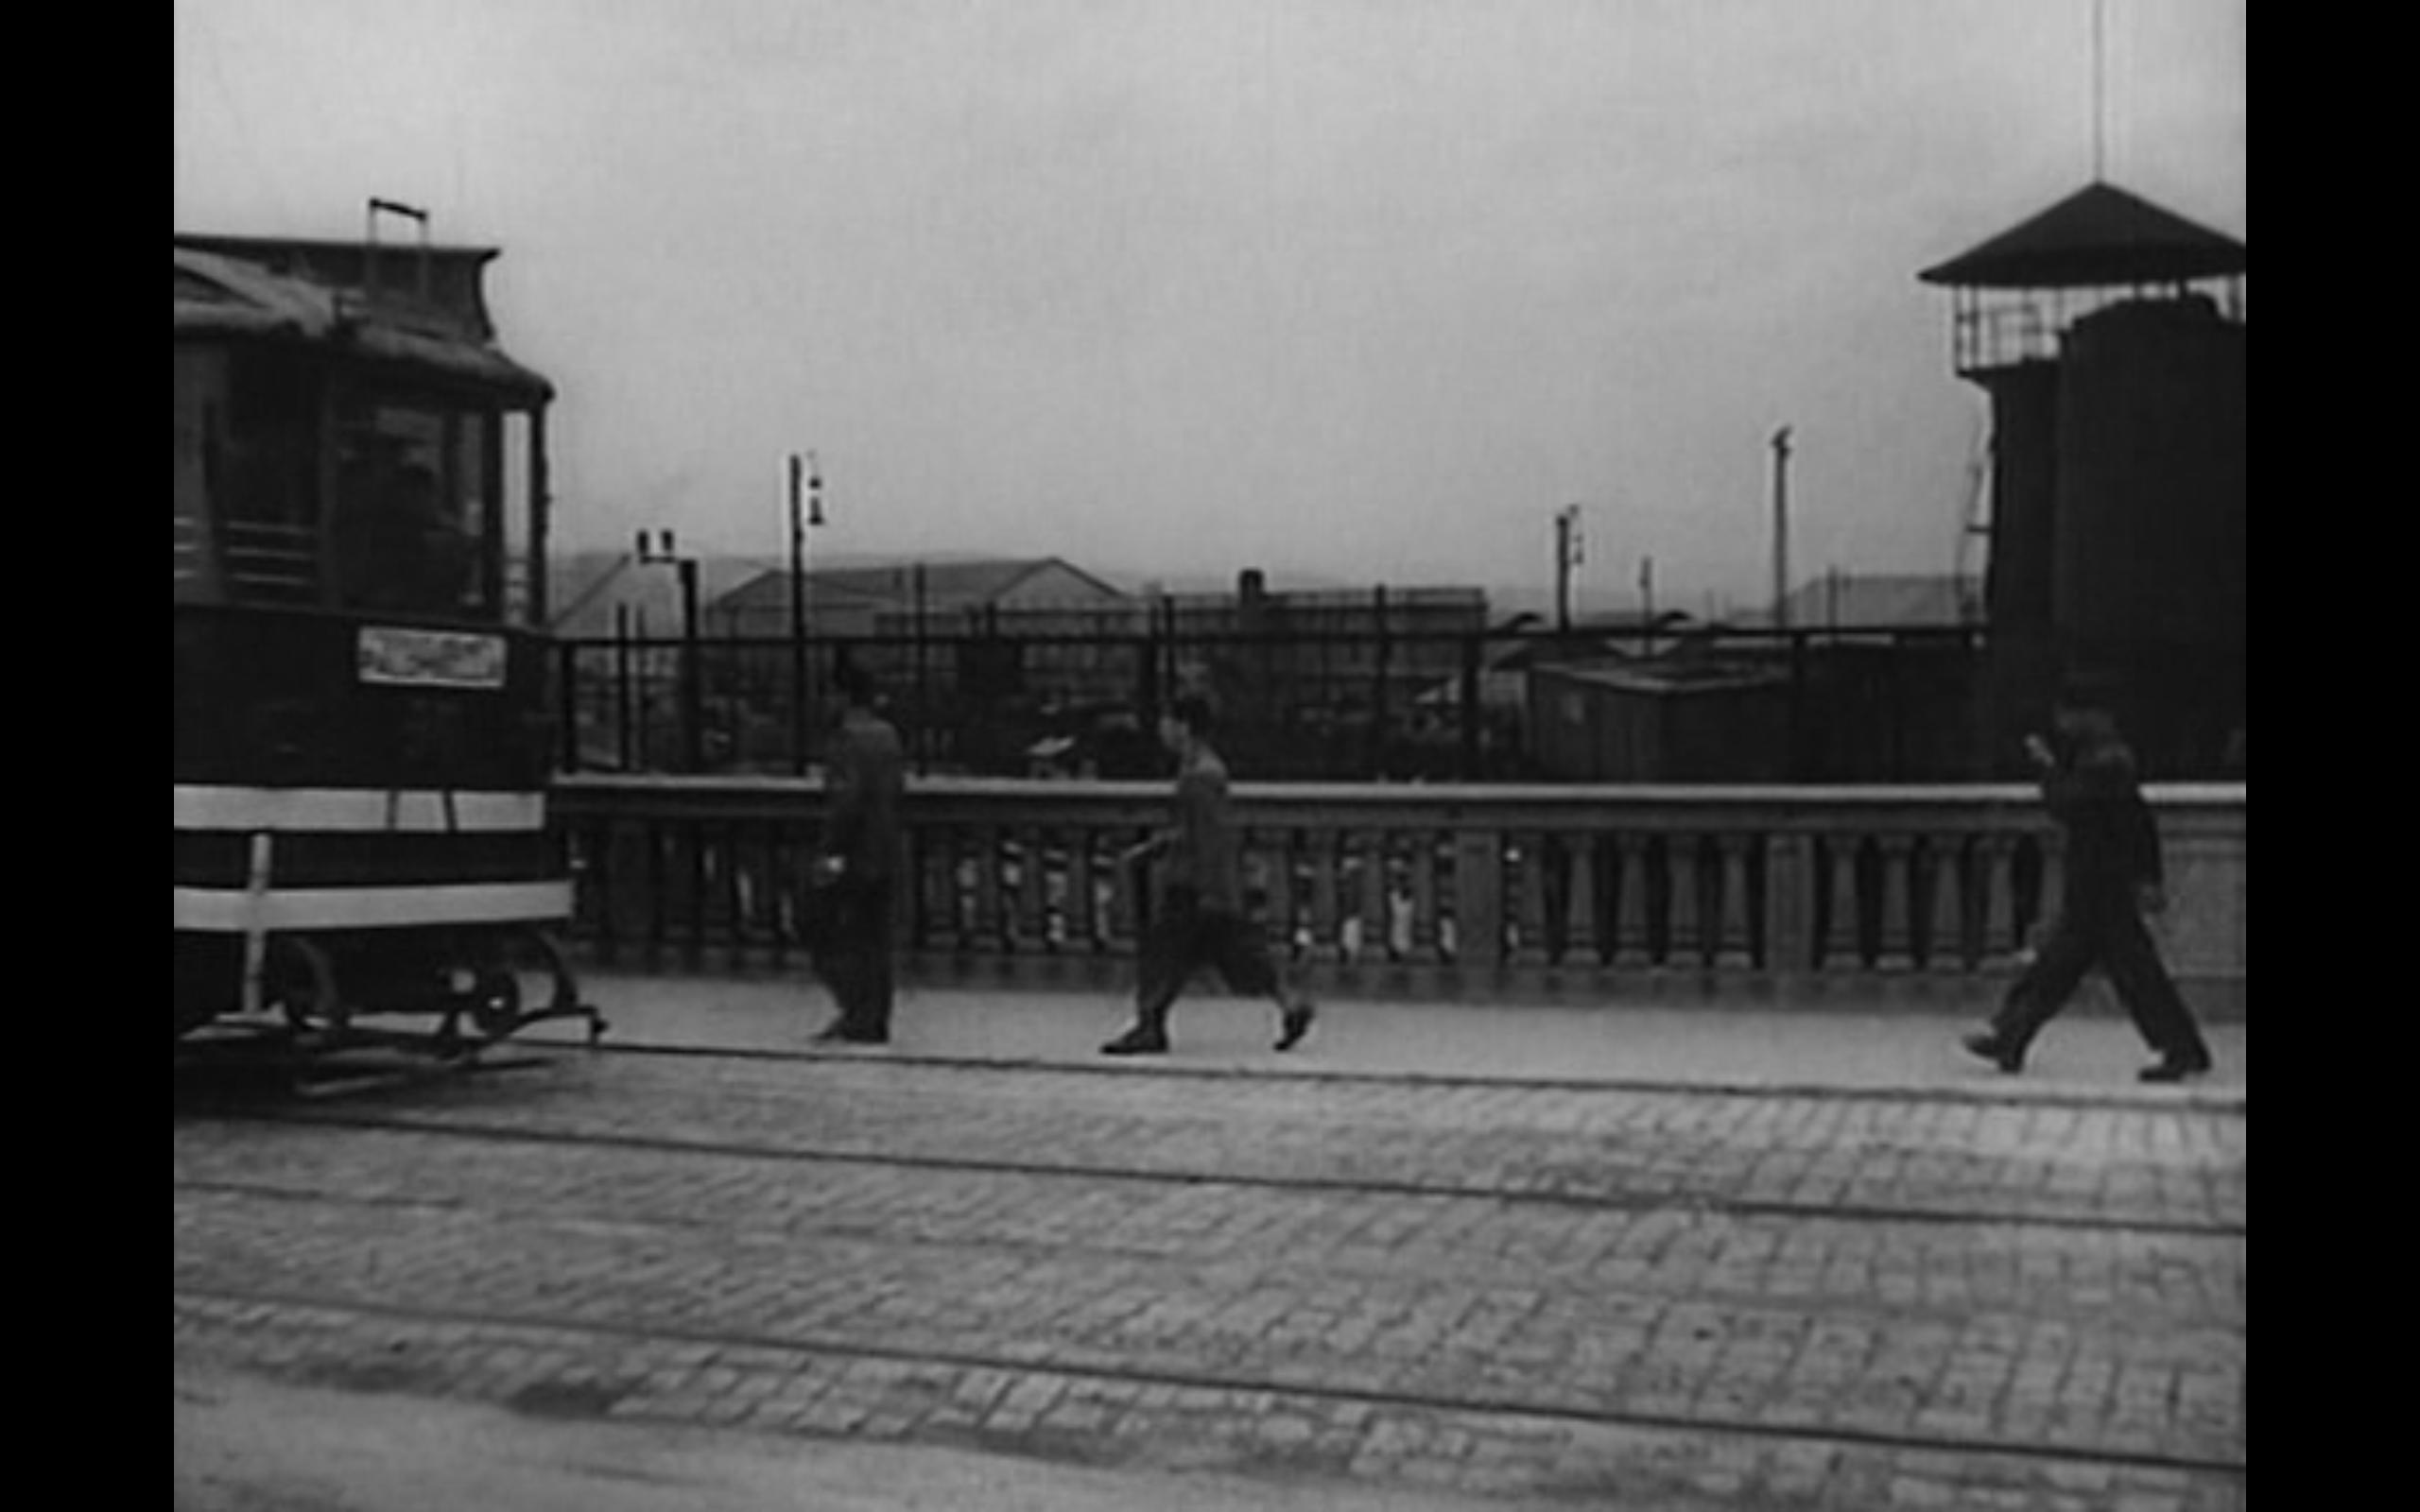 Ossessione (Visconti, 1943)